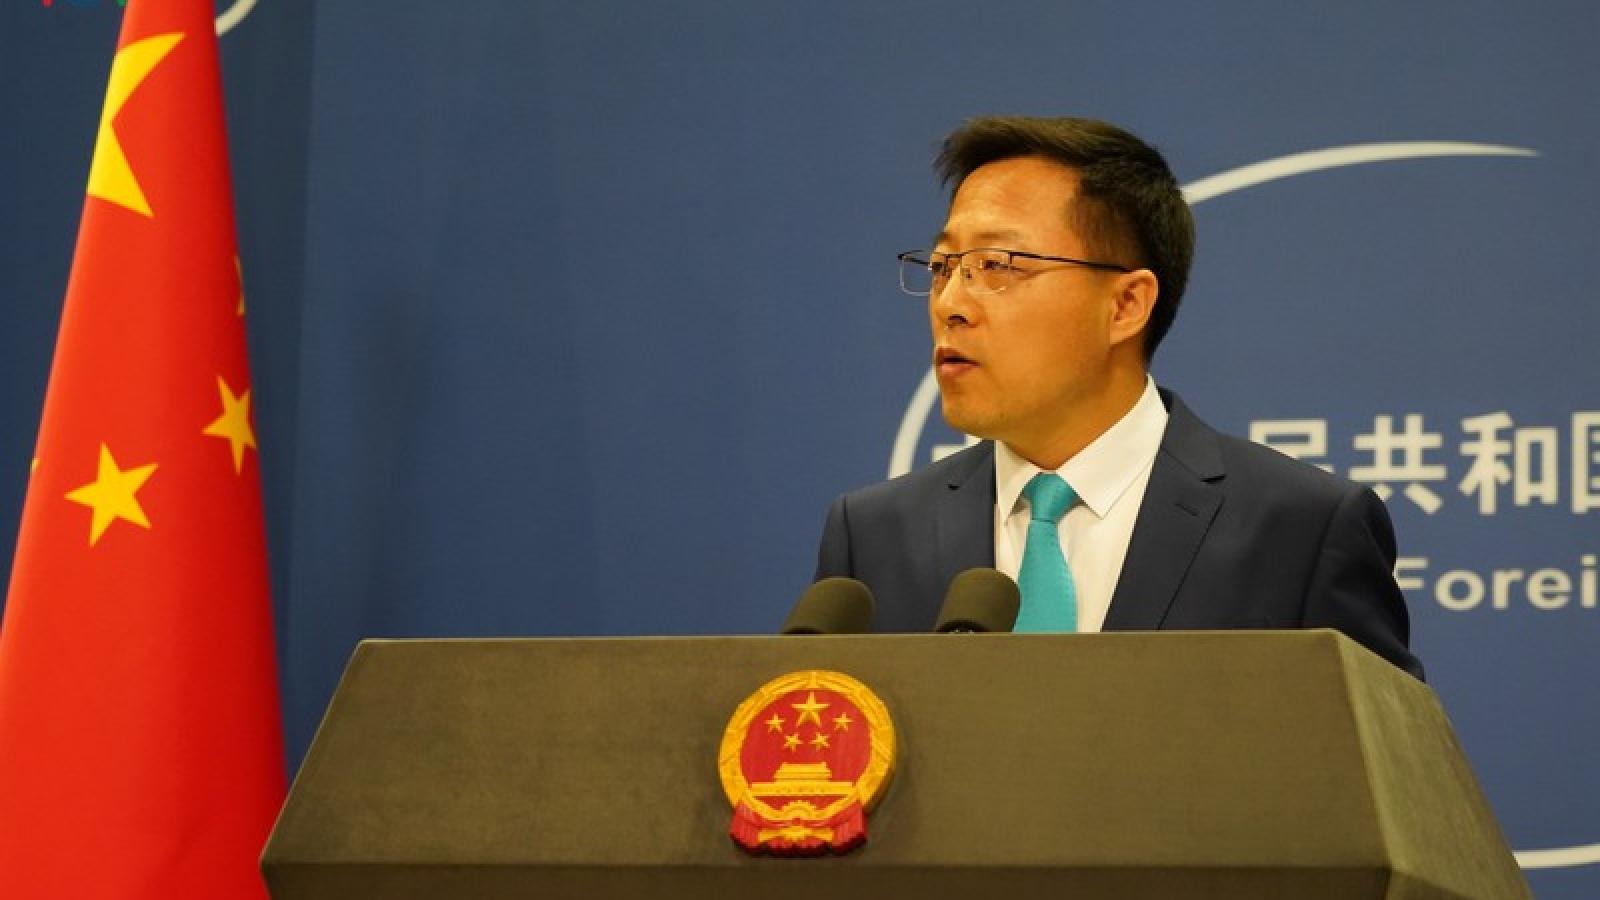 Trung Quốc tuyên bố không thay đổi lập trường với Australia